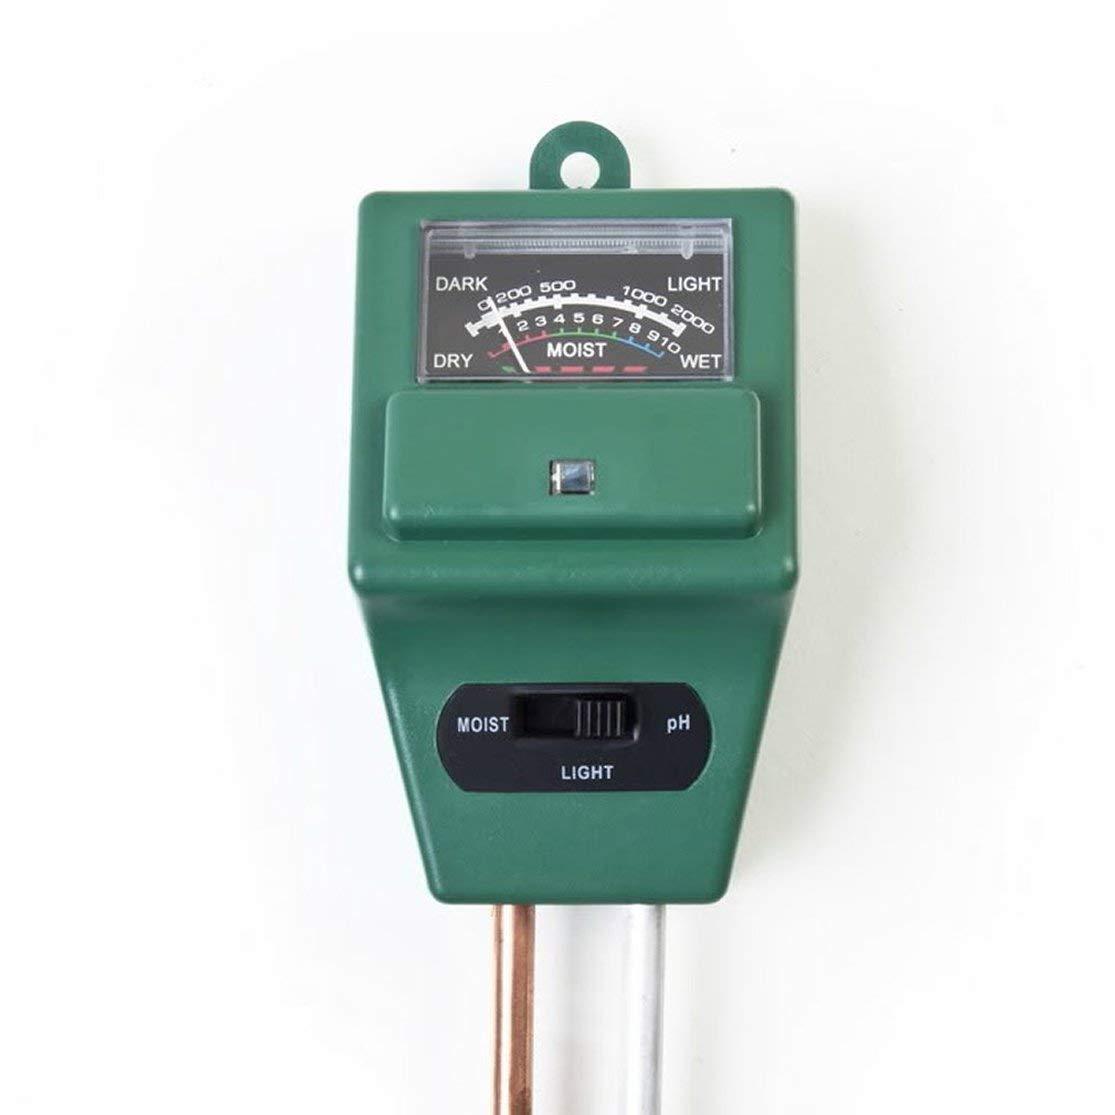 LouiseEvel215 3 en humedad del agua del suelo 1 probador de ph Detector de suelo humedad del agua medidor de prueba de luz Sensor para la planta de jard/ín Flor